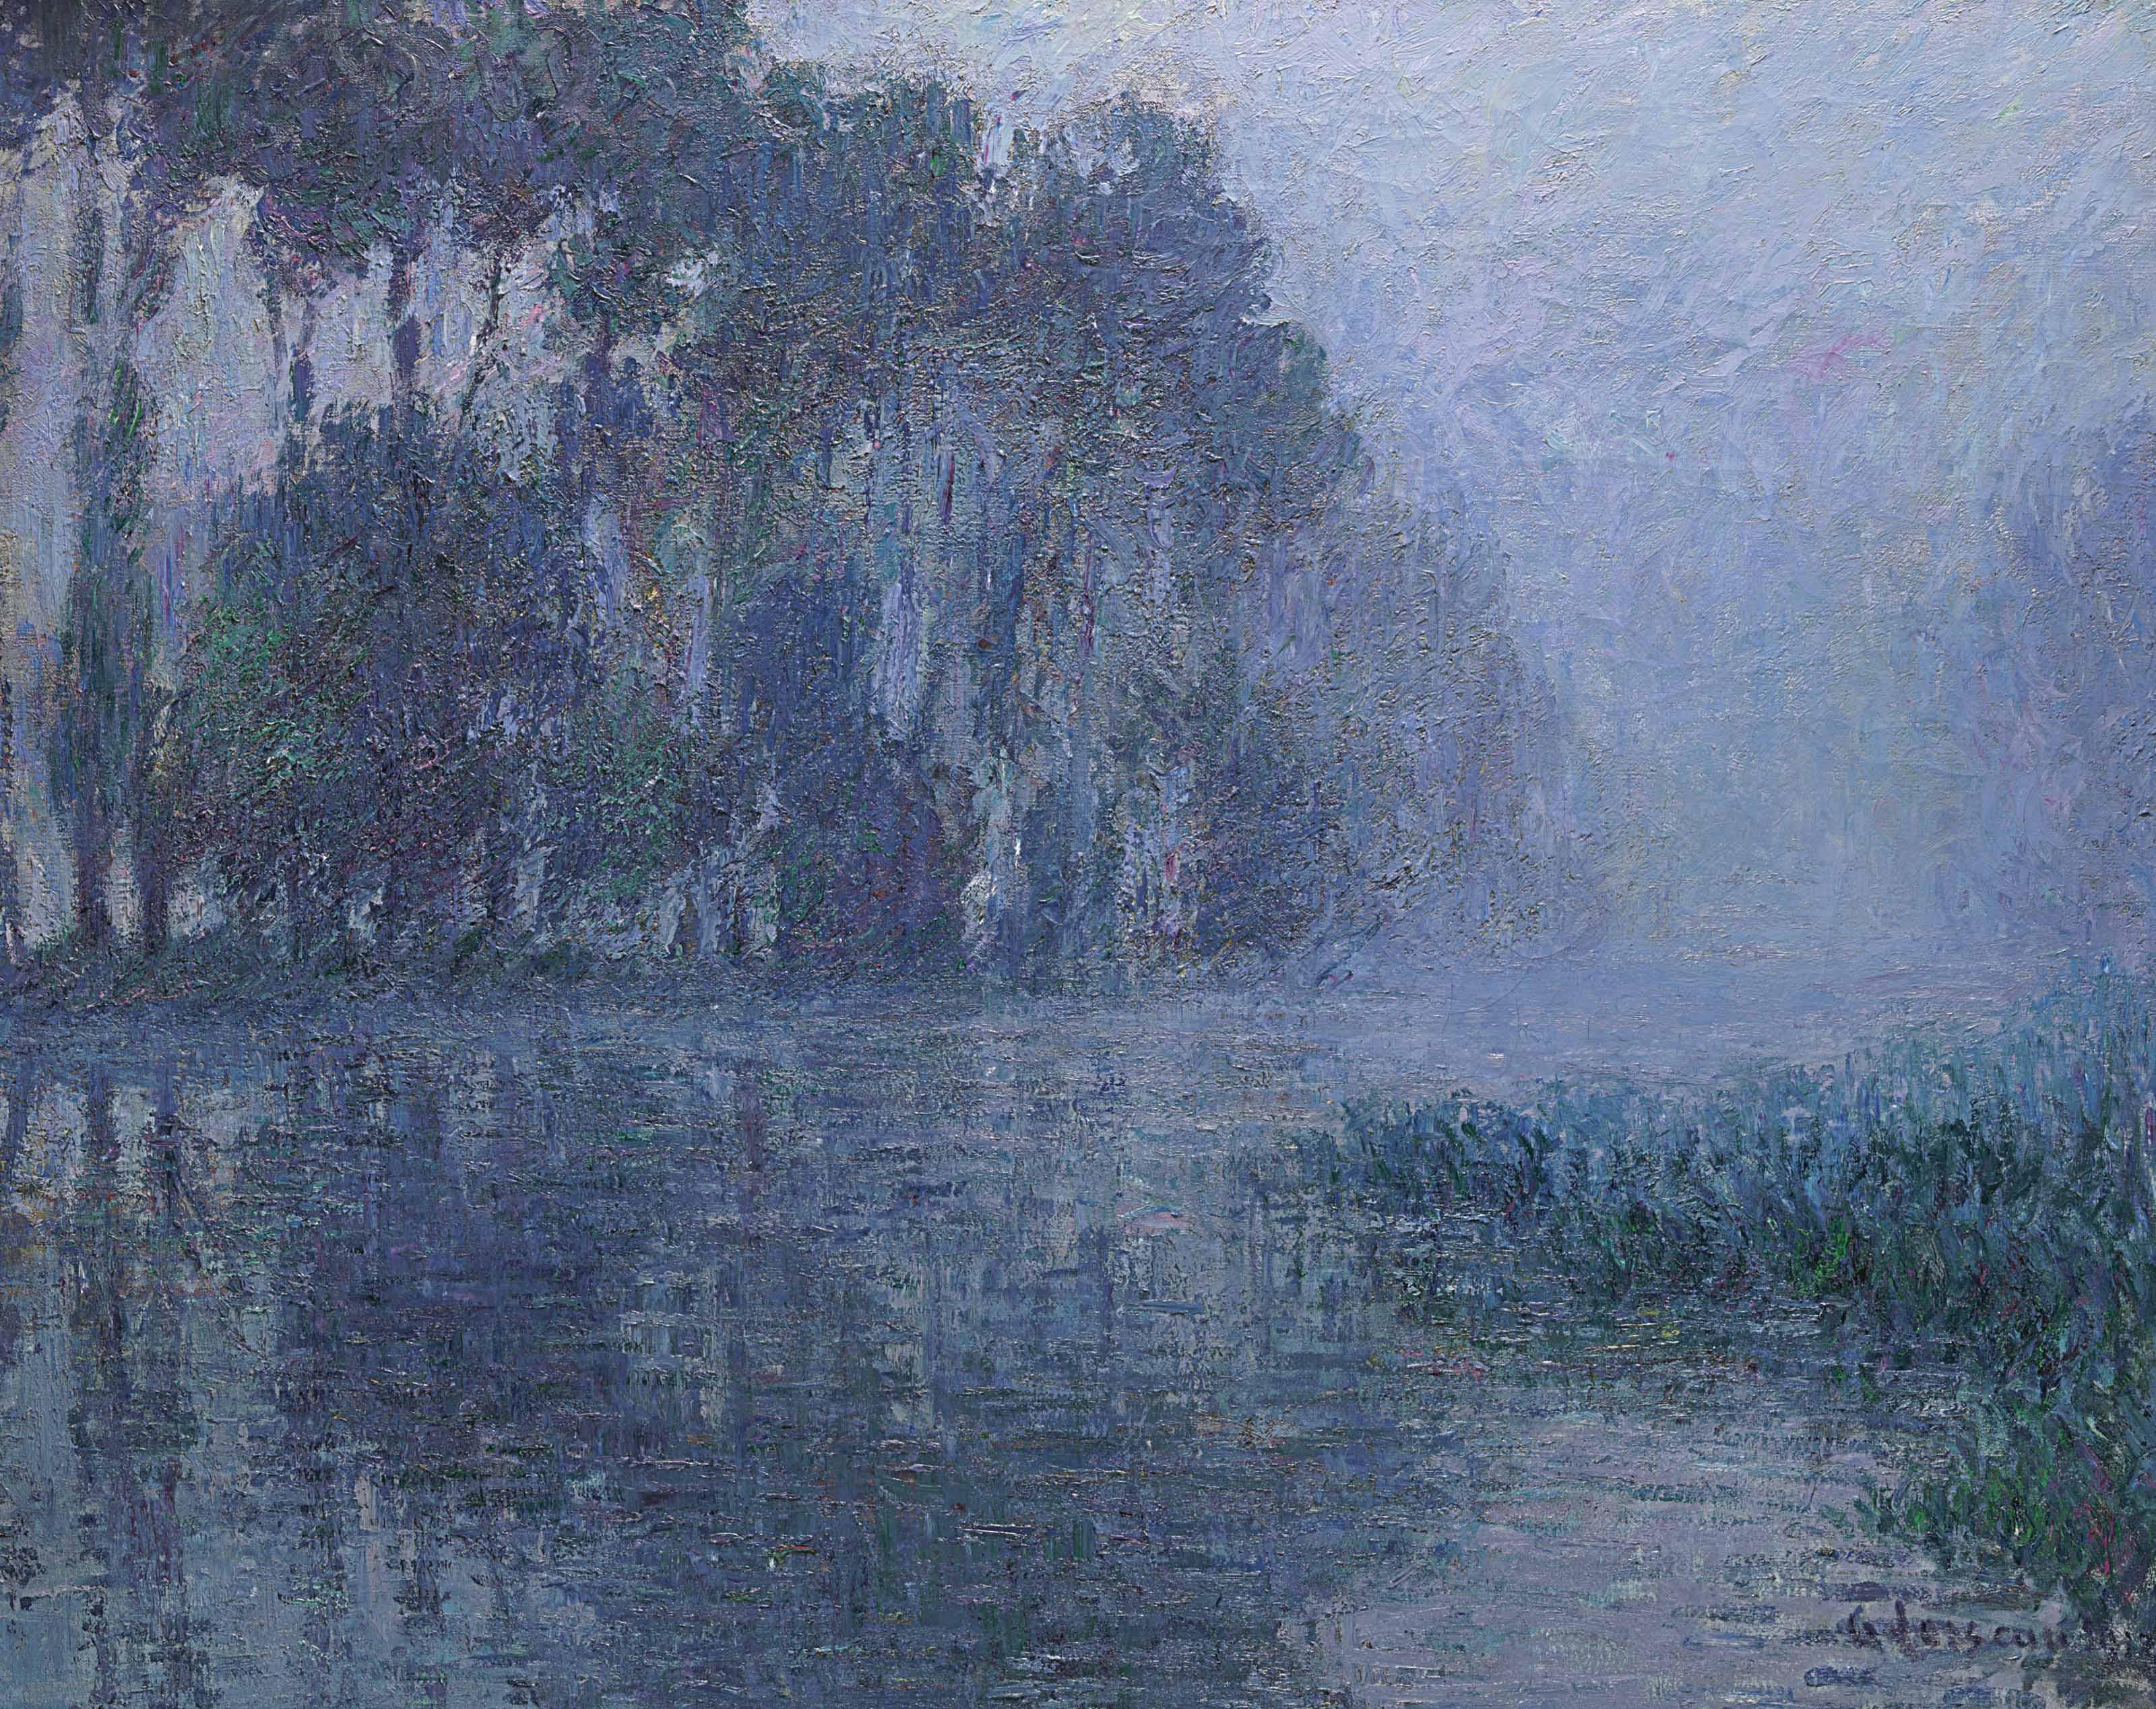 Brume sur l'Eure, environs de Saint-Cyr-du-Vaudreuil